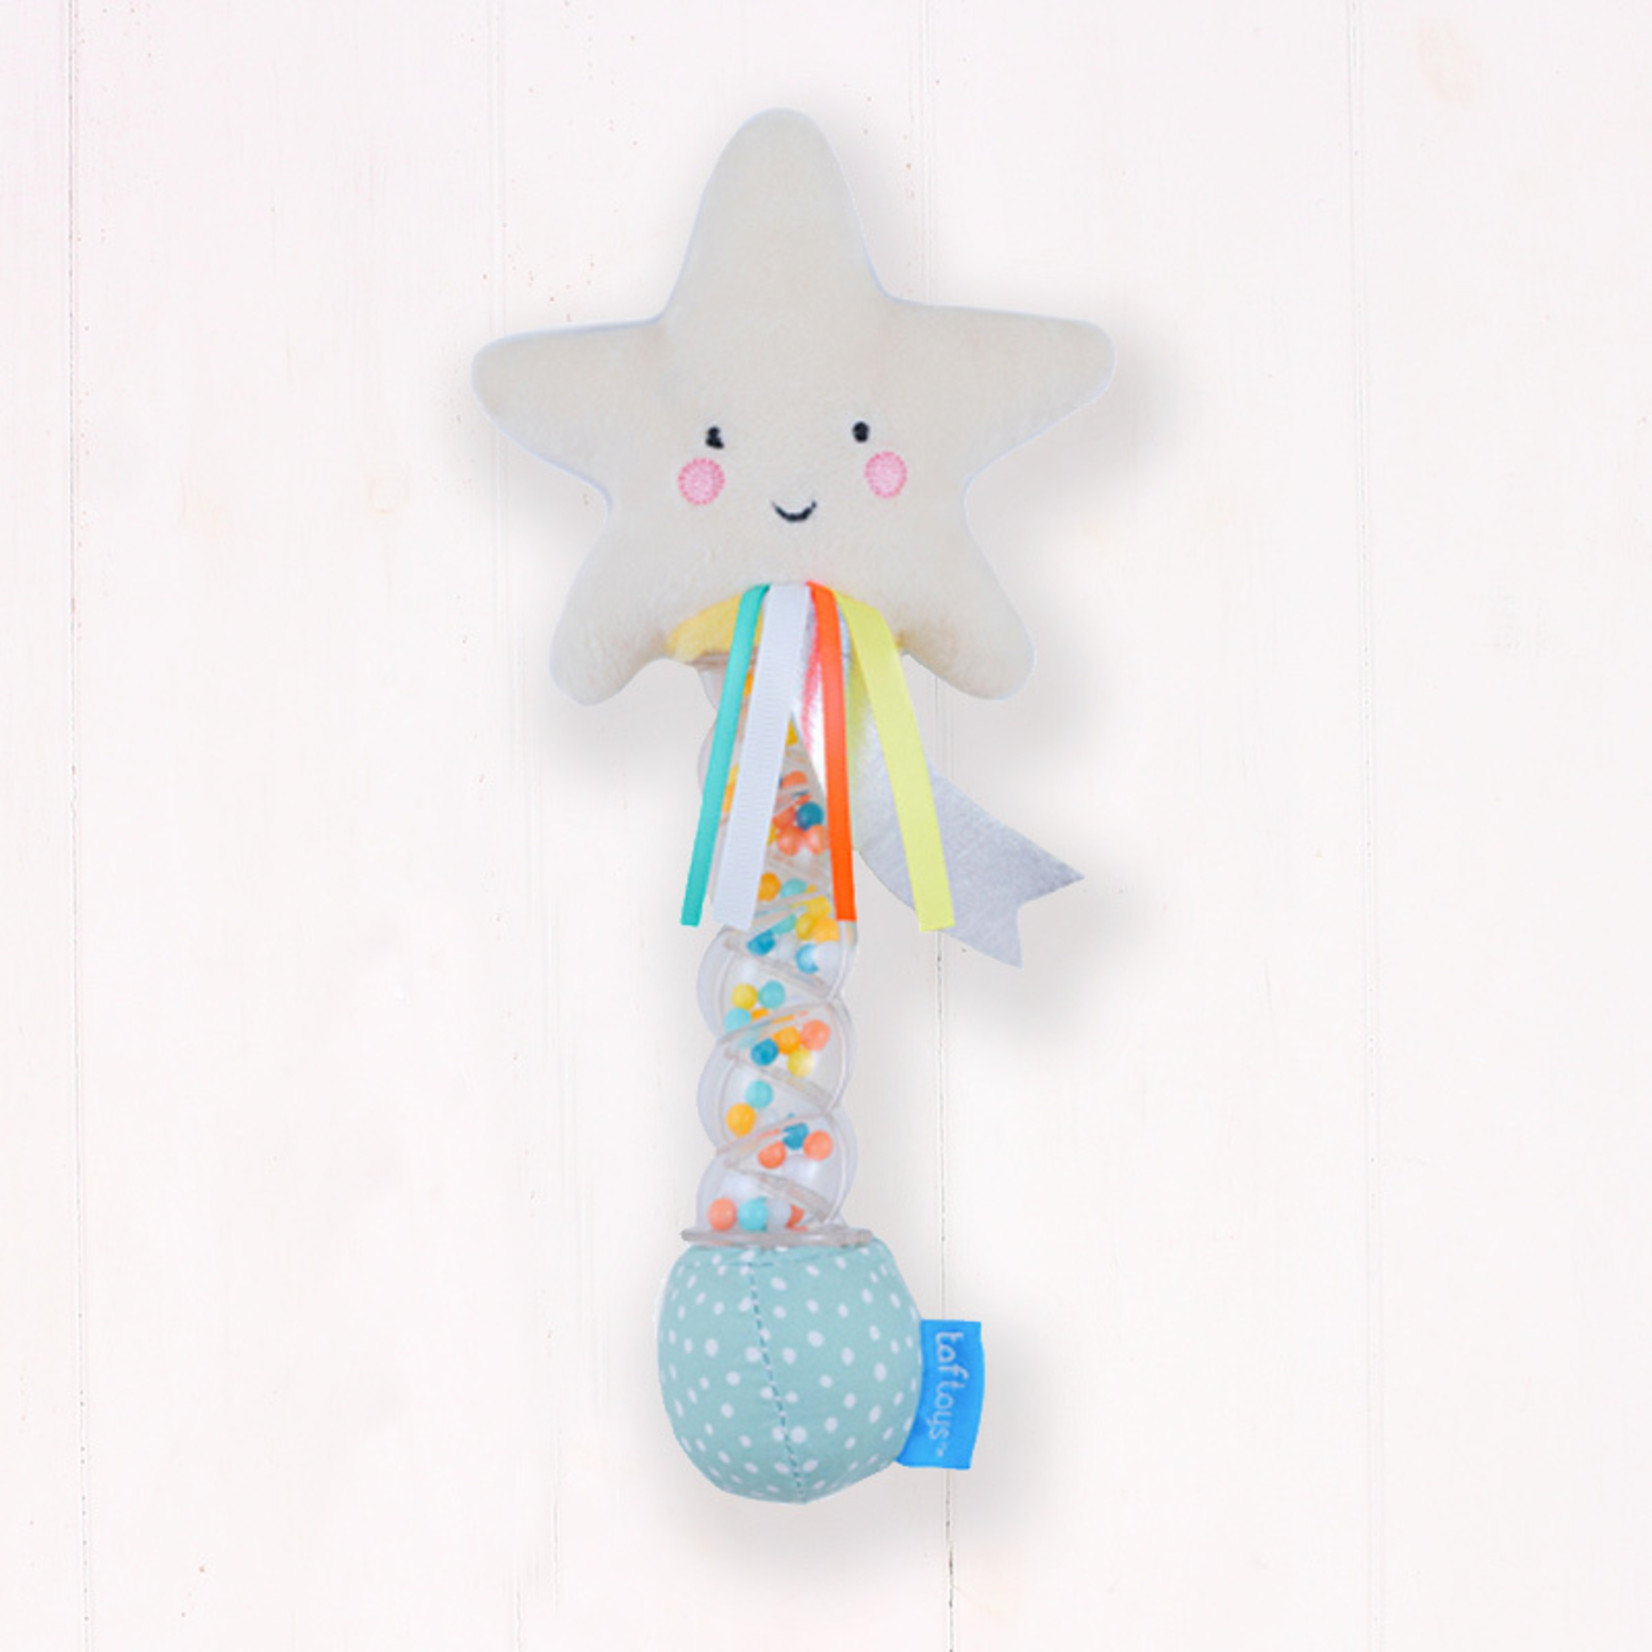 Taf Toys Taf Toys Star rainstick rattle